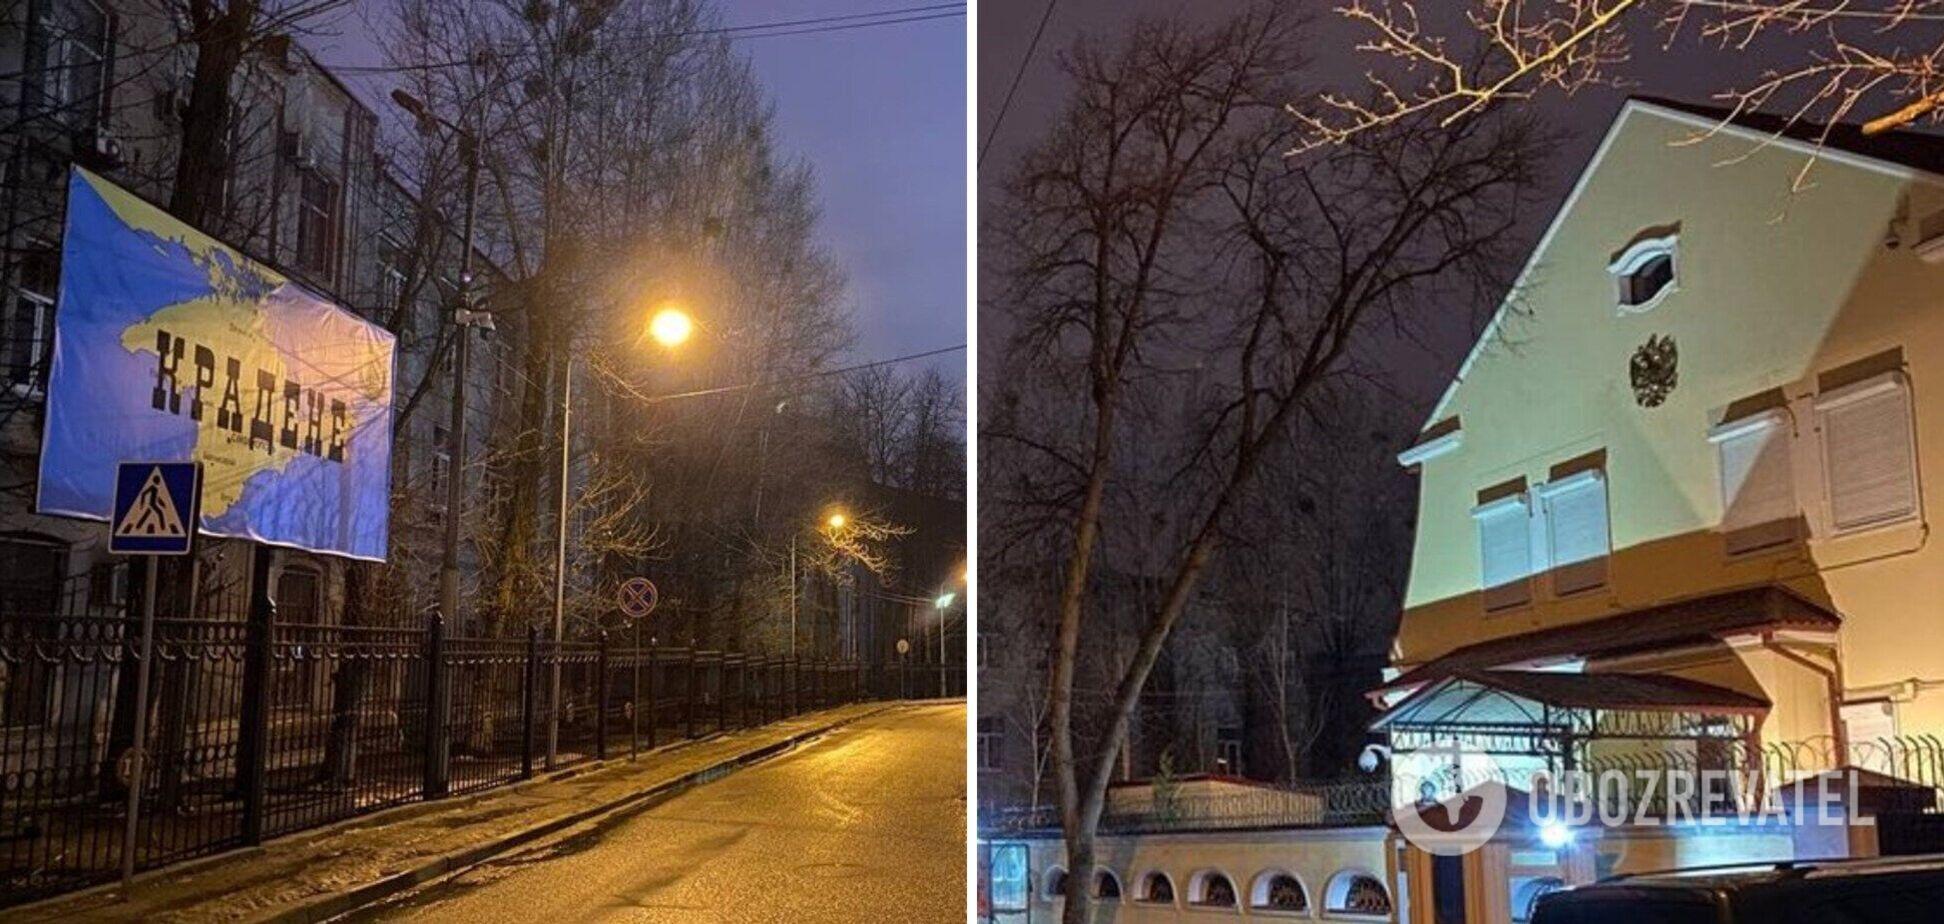 У Харкові біля консульства РФ повісили банер з Кримом і написом 'Крадене!'